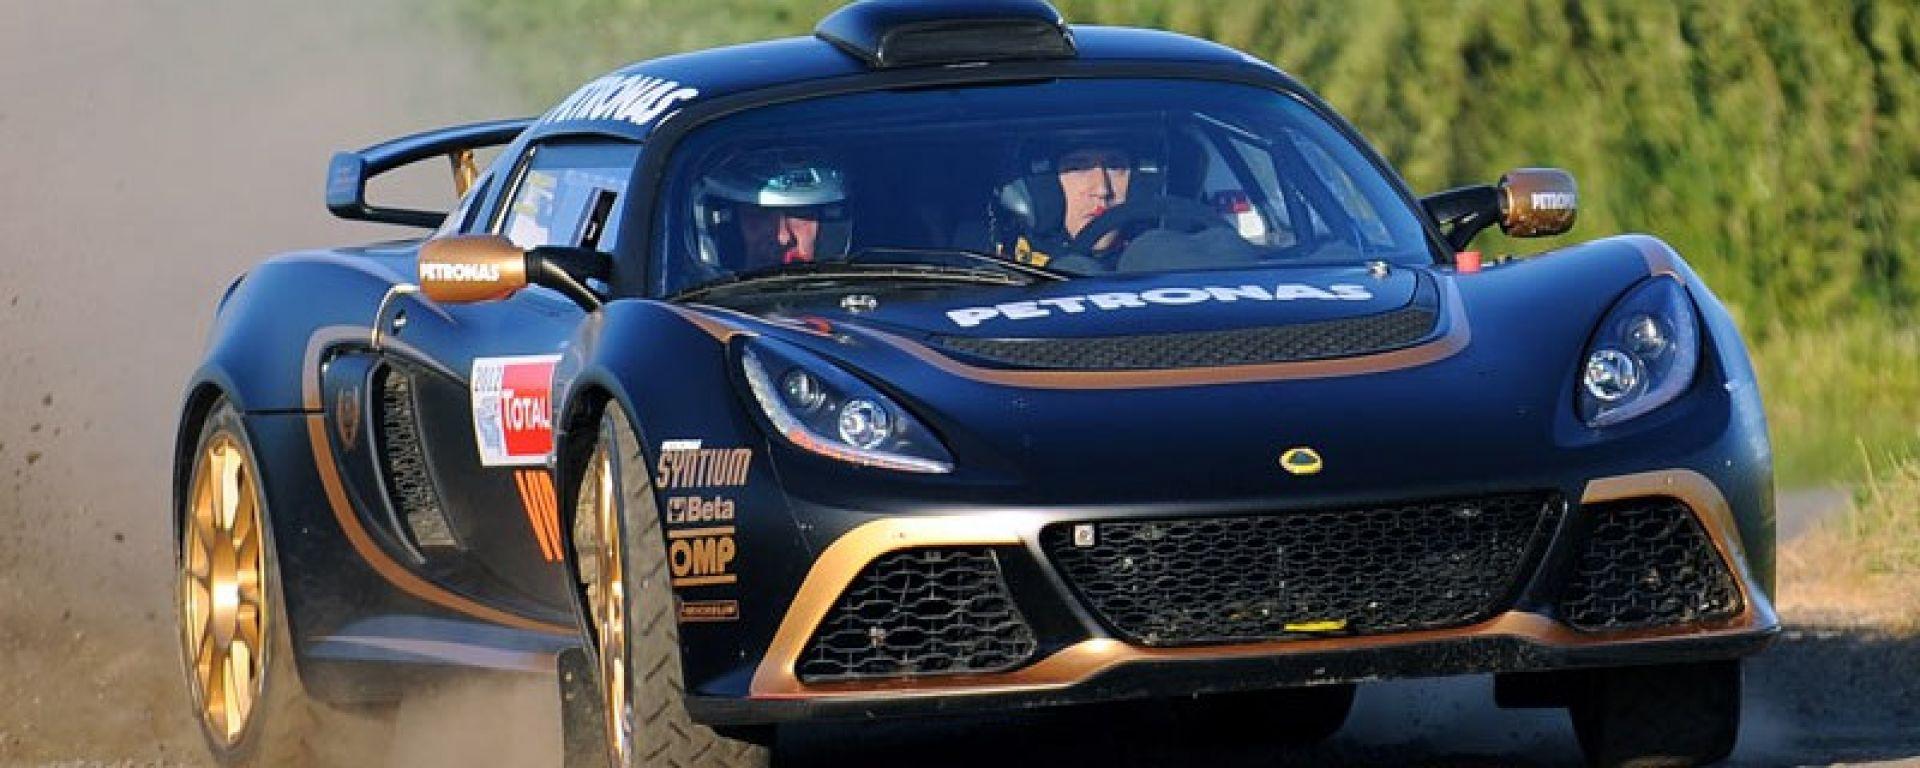 Lotus: la Exige R-GT debutta nei rally